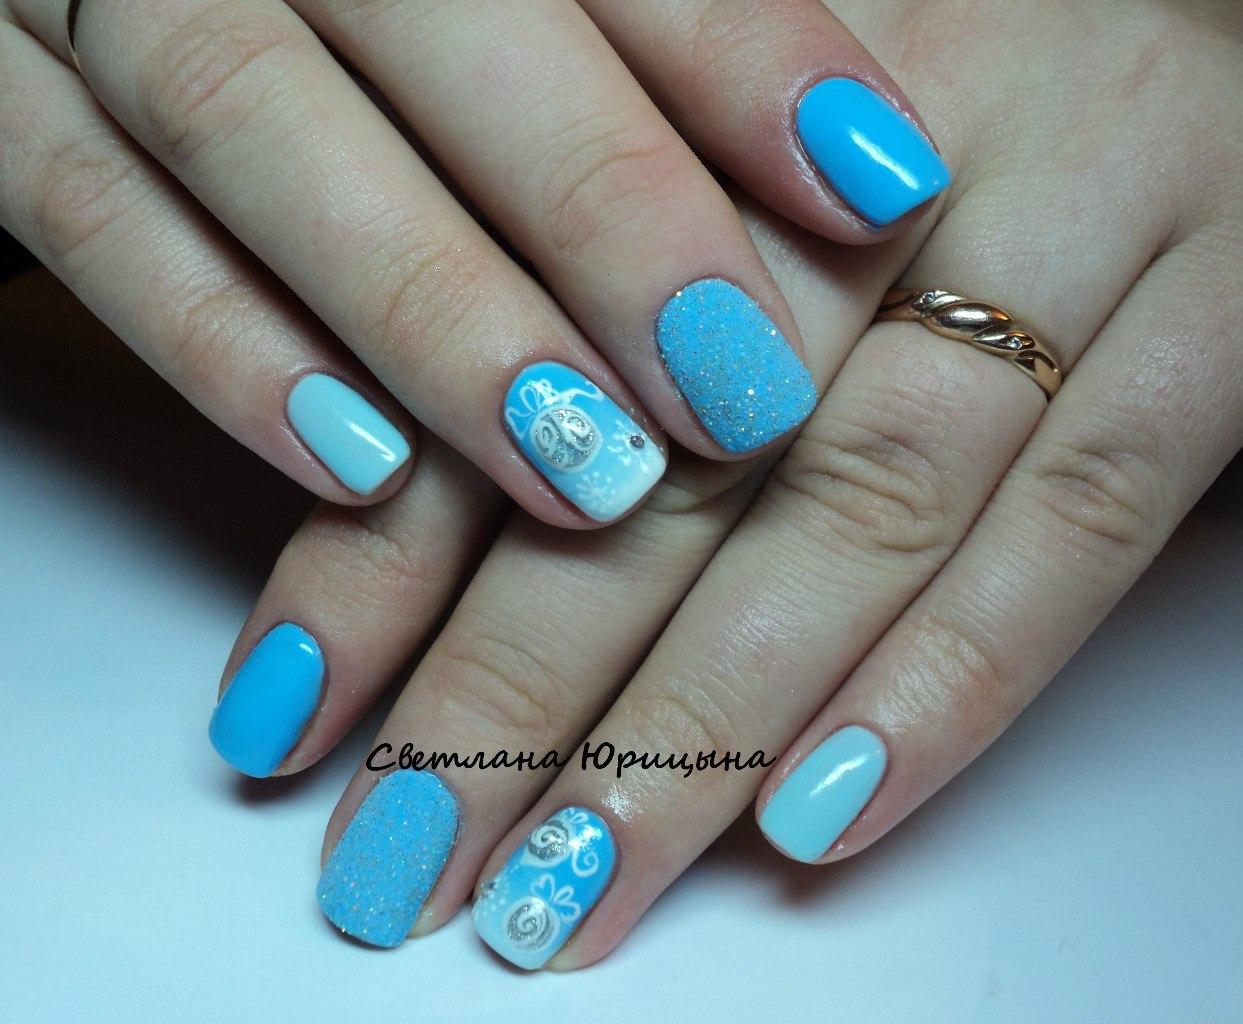 Ногти с голубым гелем фото